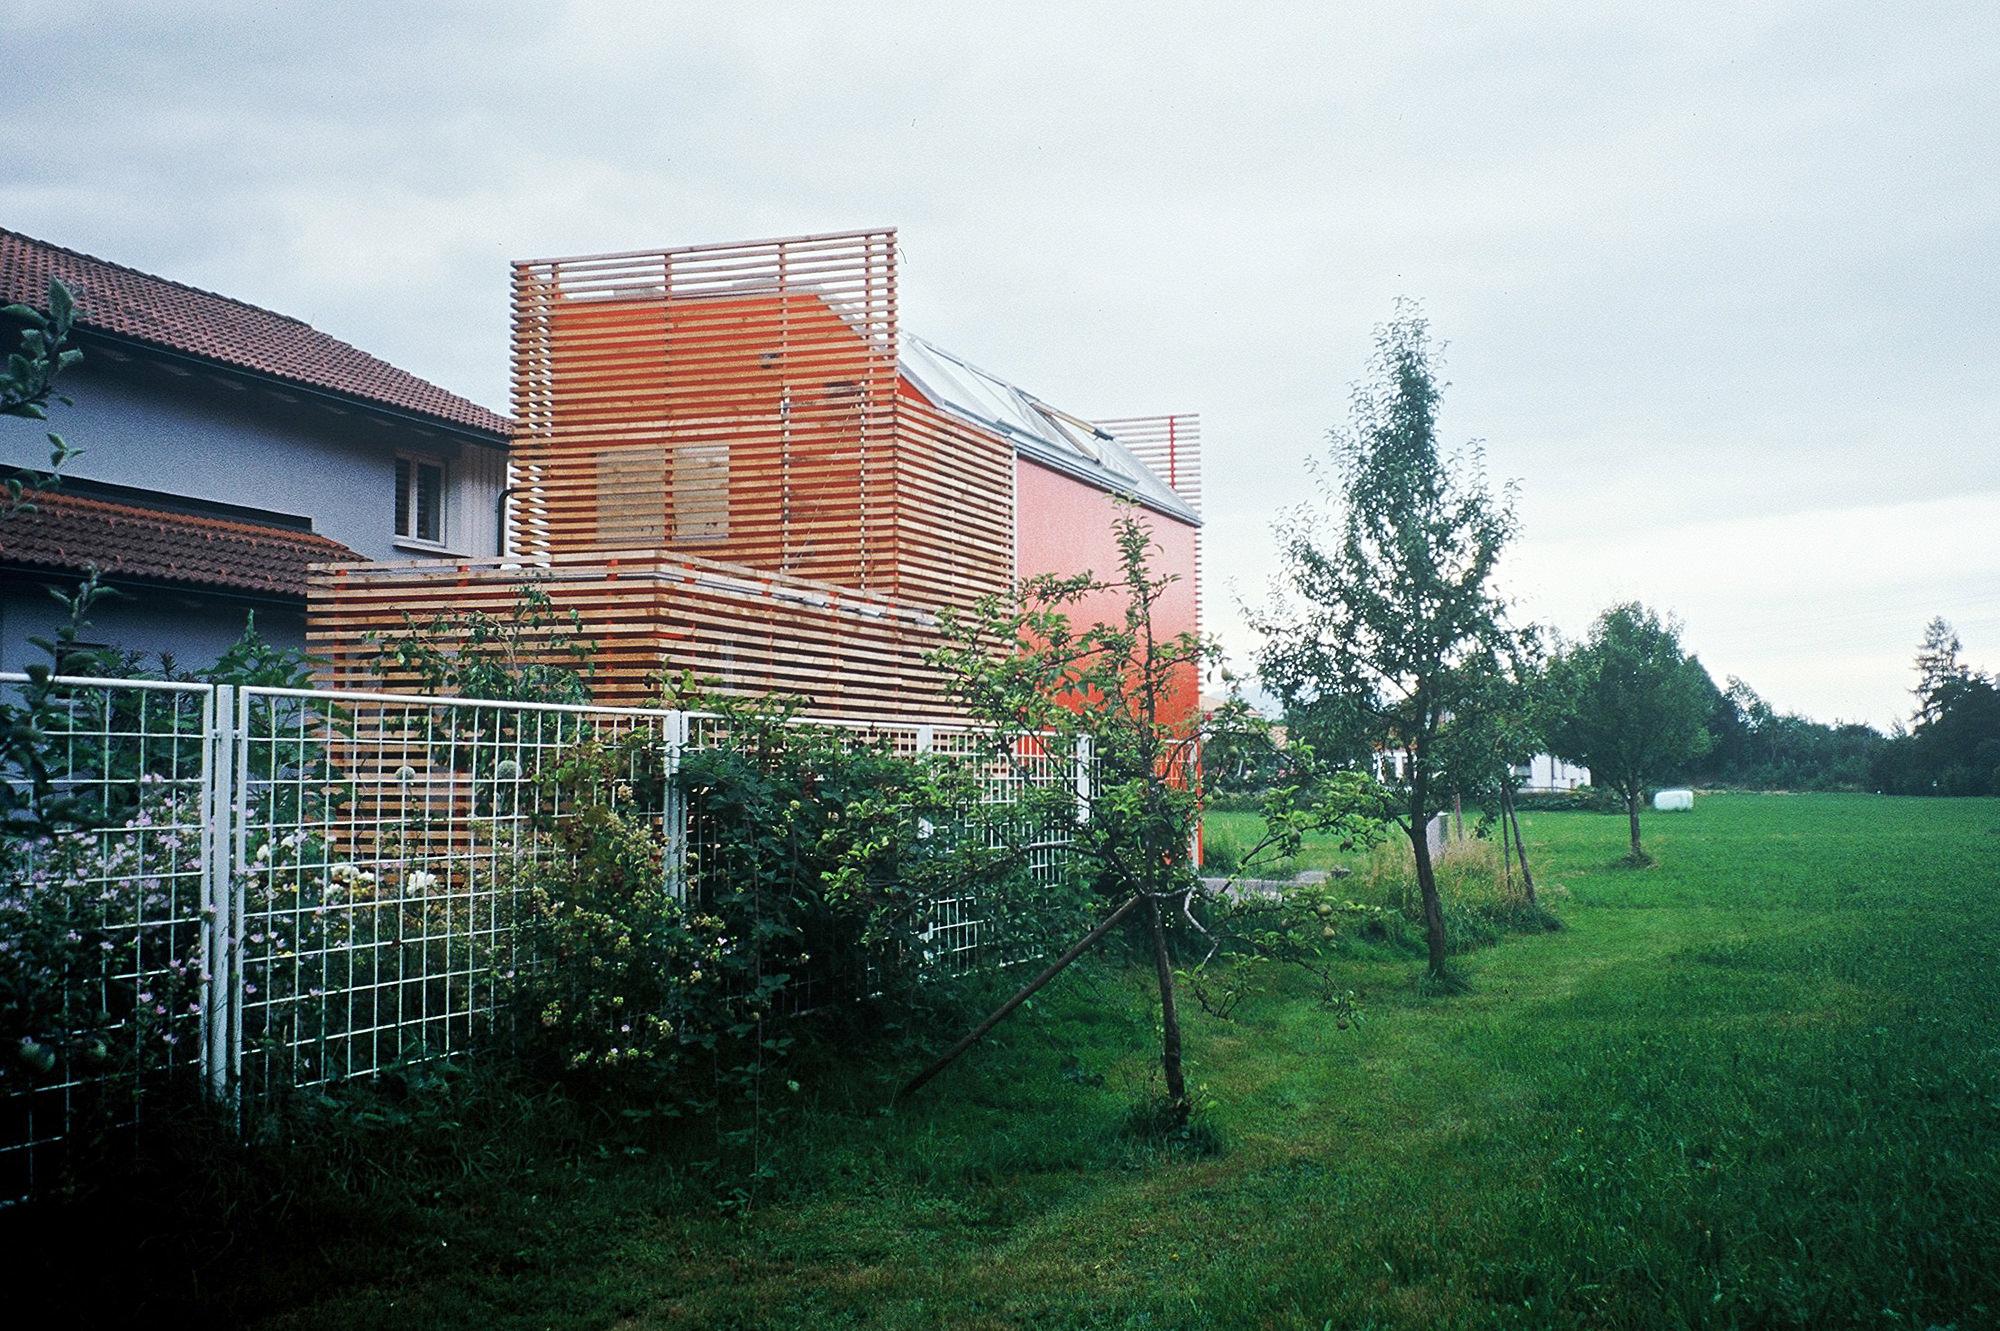 atelier_schmutzer_06_umbau_erweiterung_wolfurt_vorarlberg_junger_beer_architektur